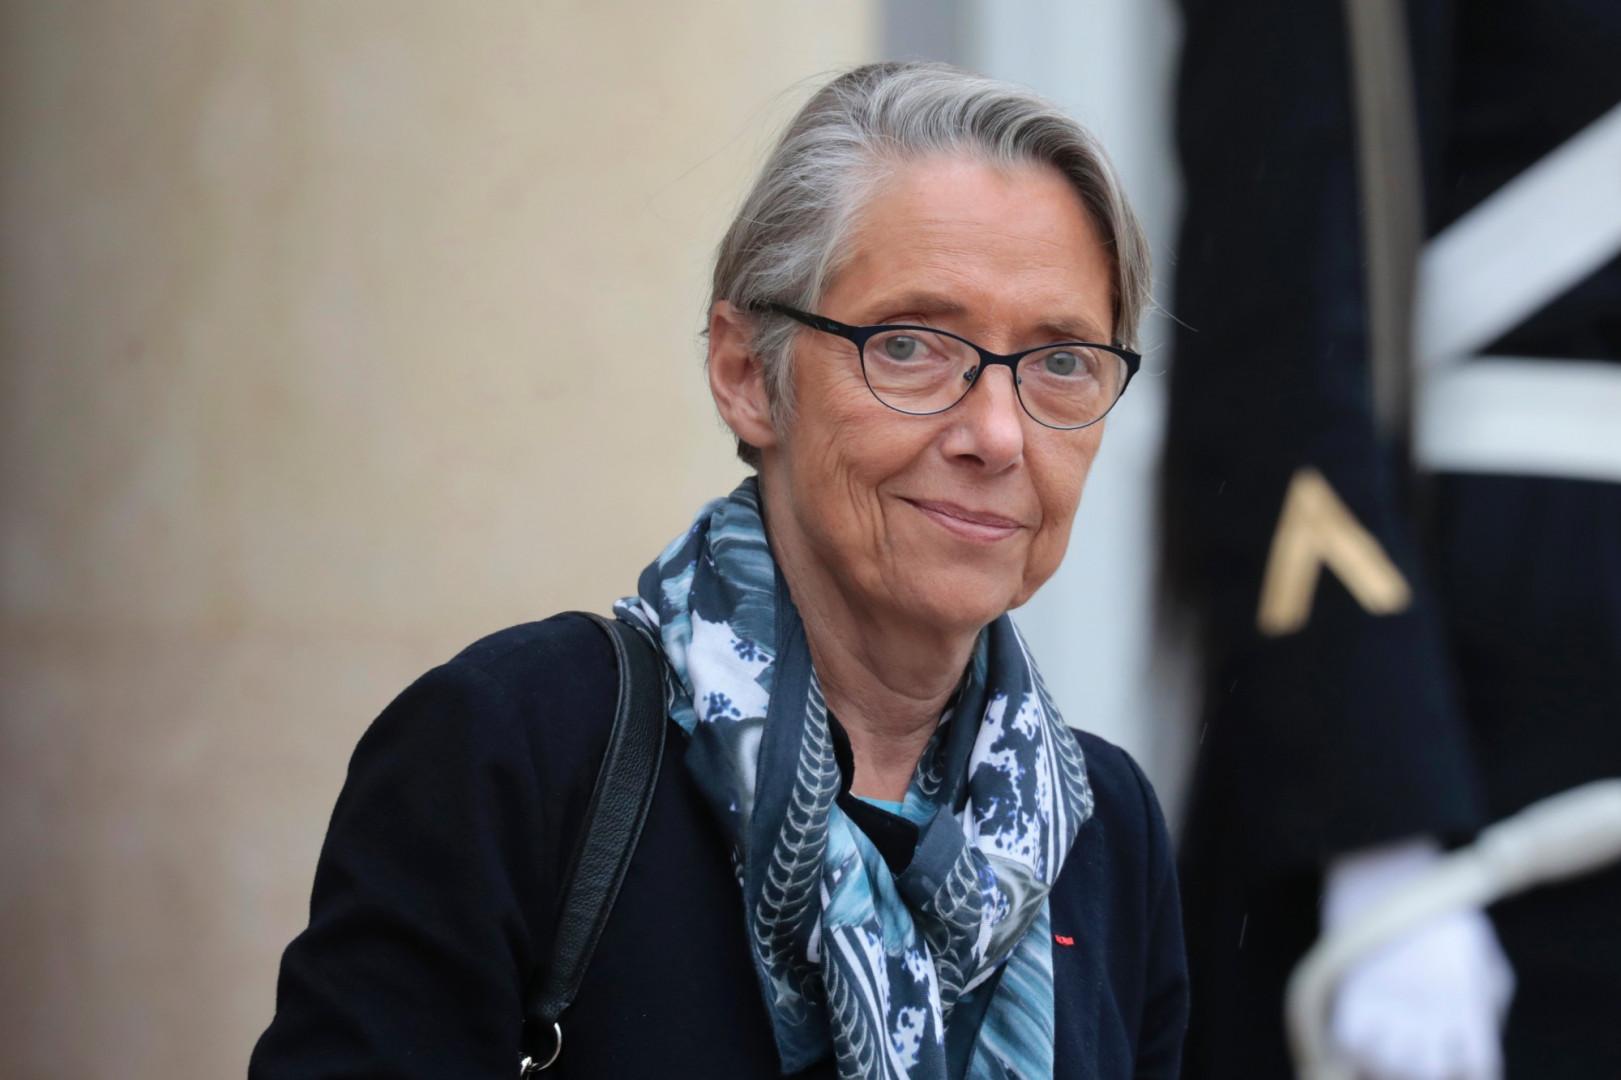 Après avoir géré les transports puis la Transition écologique et solidaire, Elisabeth Borne a hérité du ministère du Travail